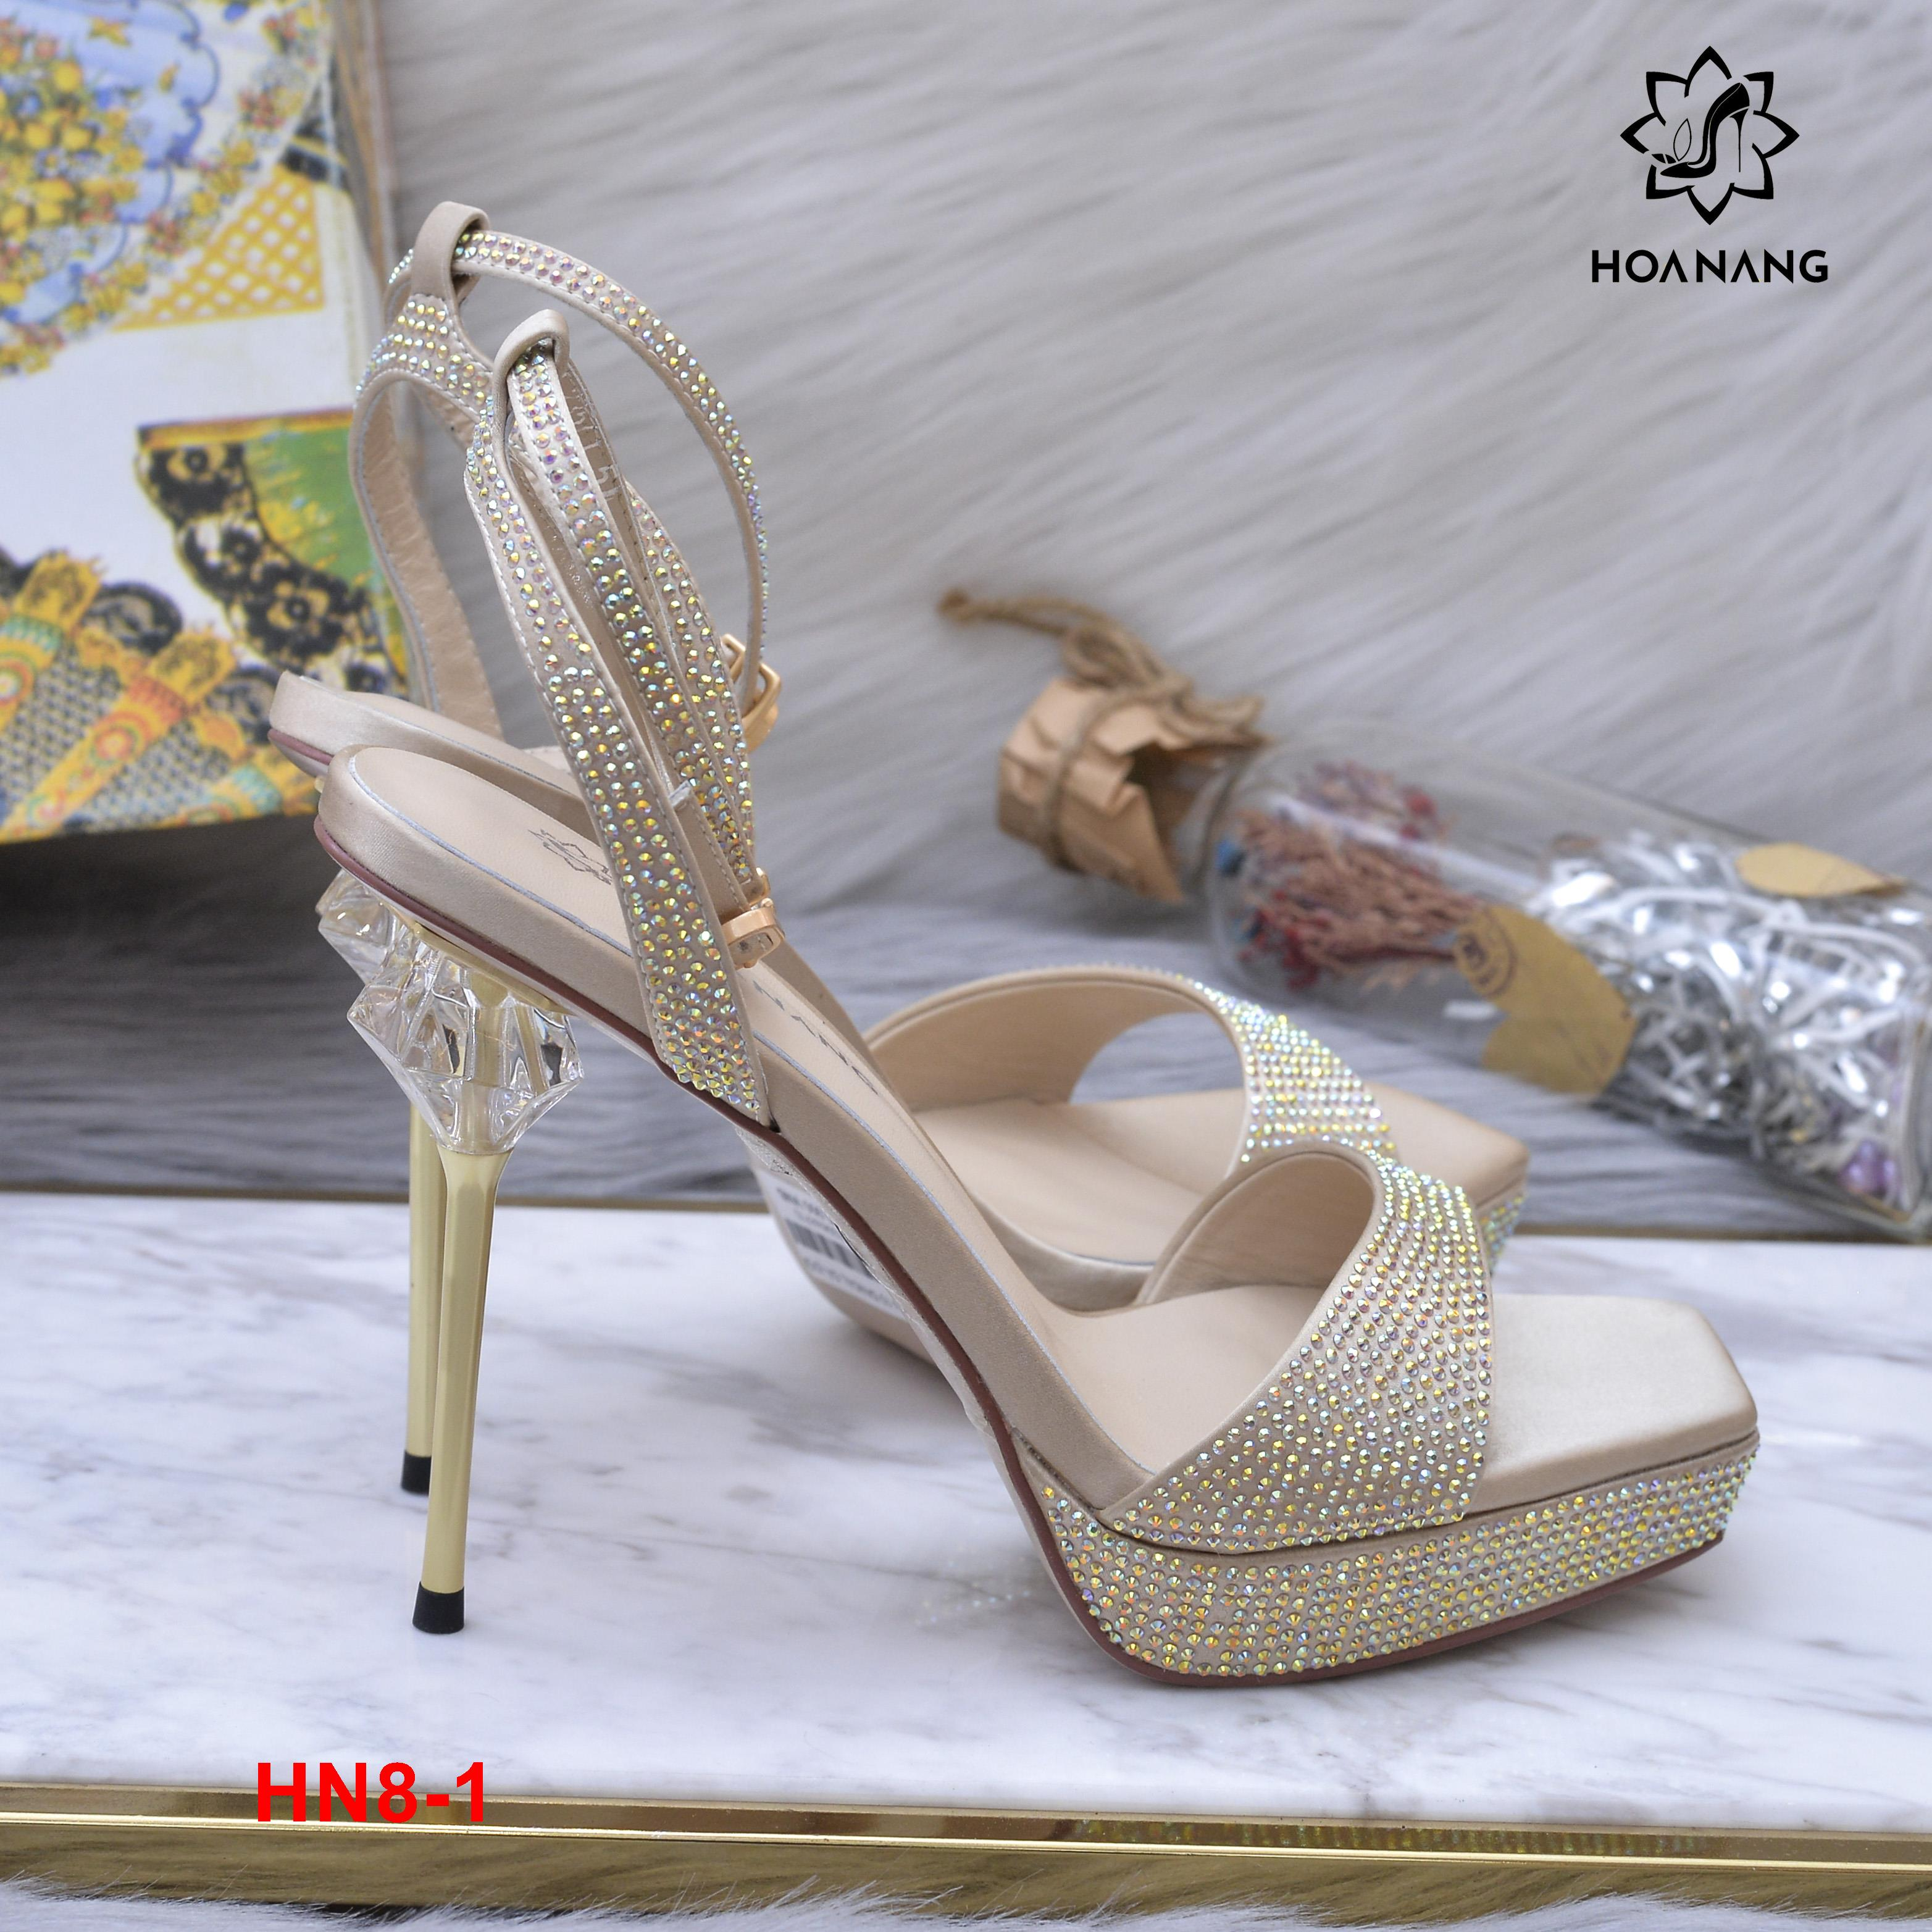 HN8-1 Hoa Nắng giày sandal siêu cấp cao 11cm kếp cao 3cm